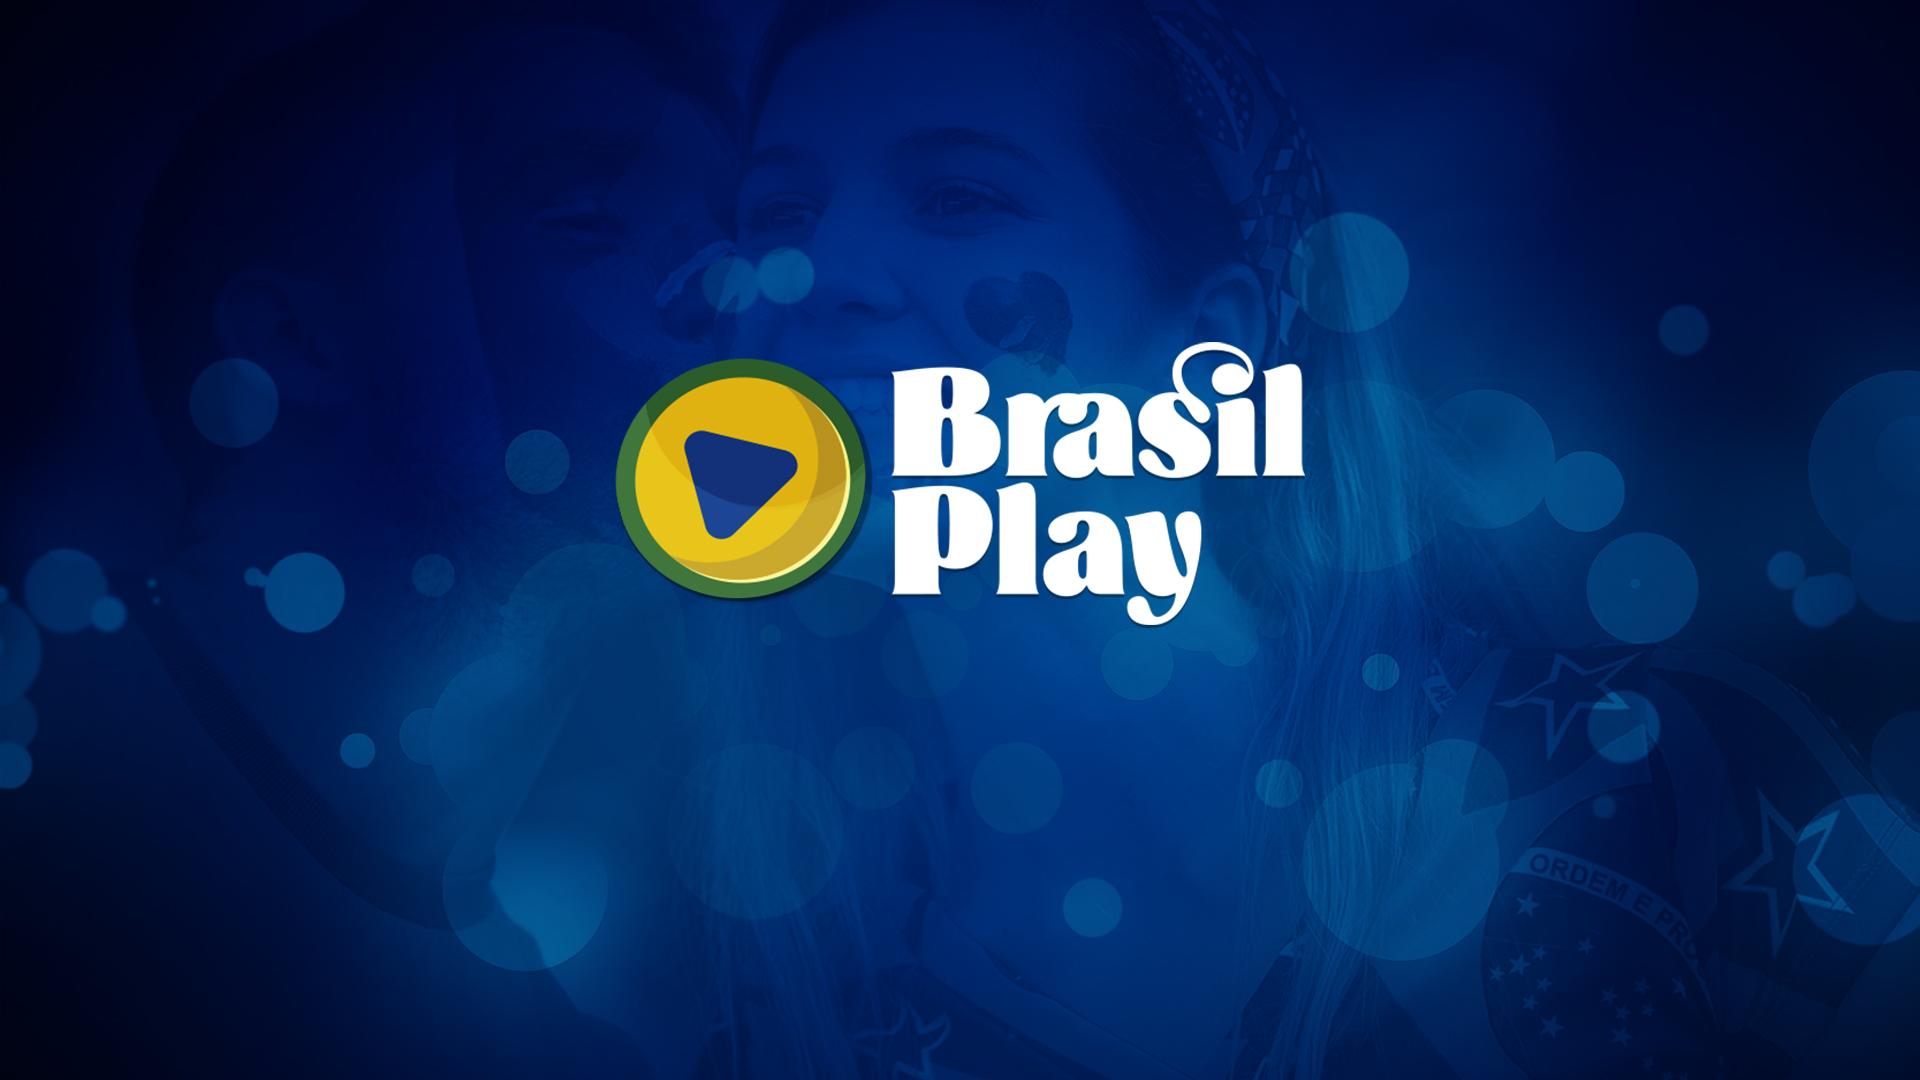 Brasil Play TV - Assista o melhor da Televisão Brasileira, Notícias, Novelas. Sem Contrato. - 3